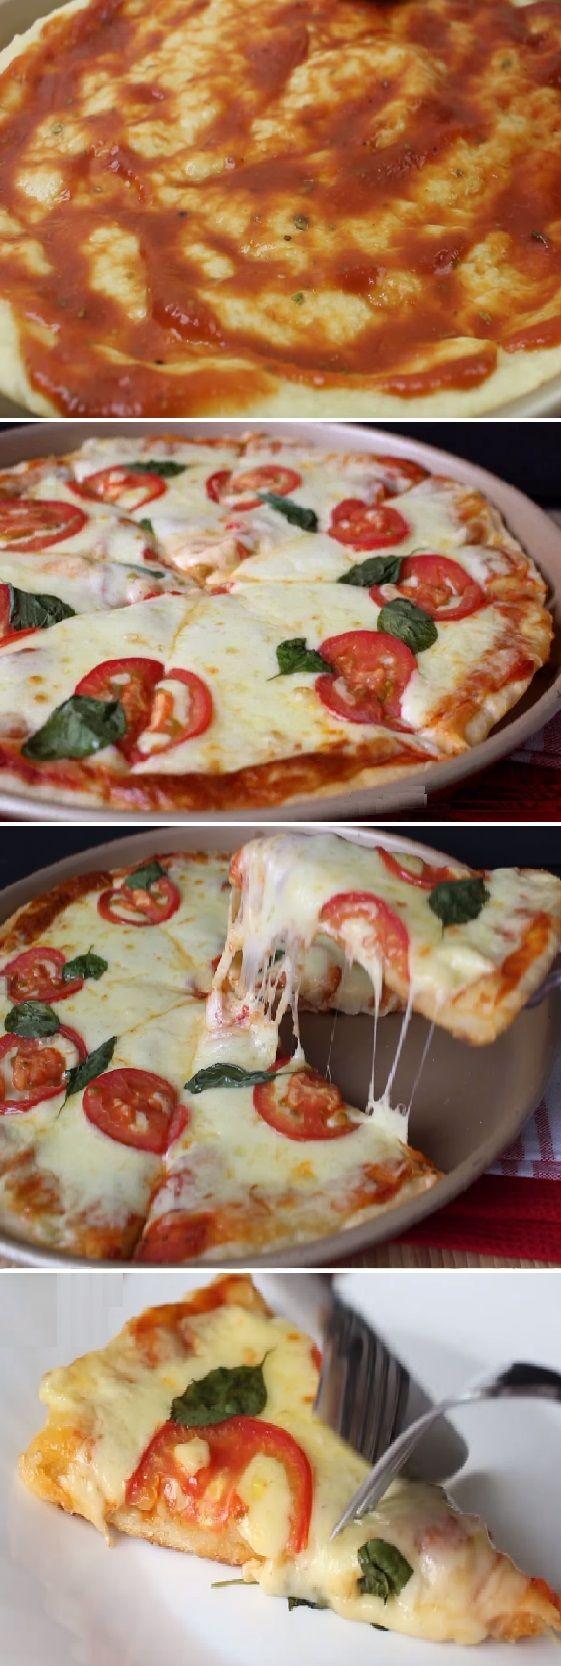 MASA CASERA: de PIZZA receta fácil para preparar, eres la Mejor del Mundo!   #masa #pizza #pizzaparty #masacasera #lamejor #delmundo #facil #tomate #tomatoes #mozzarella #queso #albahaca  #receta #recipe #casero #torta #tartas #pastel #nestlecocina #bizcocho #bizcochuelo #tasty #cocina #chocolate #pan #panes   Si te gusta dinos HOLA y dale a Me Gusta MIREN …